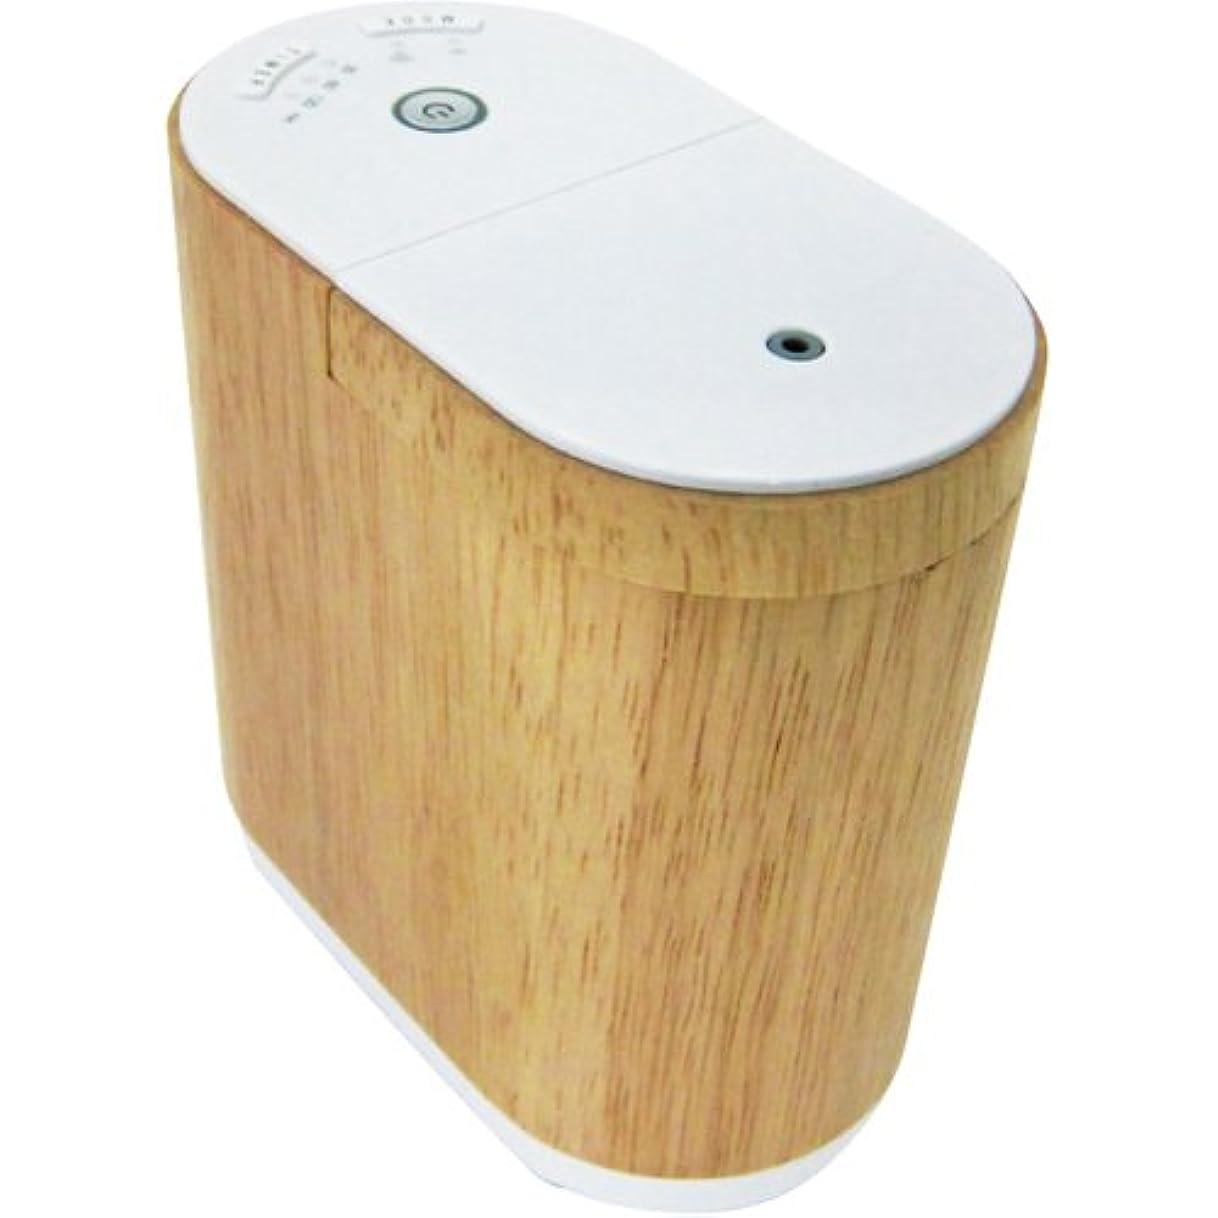 集まる雨タービン生活の木 アロマディフューザー(ウッド)エッセンシャルオイルディフューザー aromore(アロモア) 08-801-6010